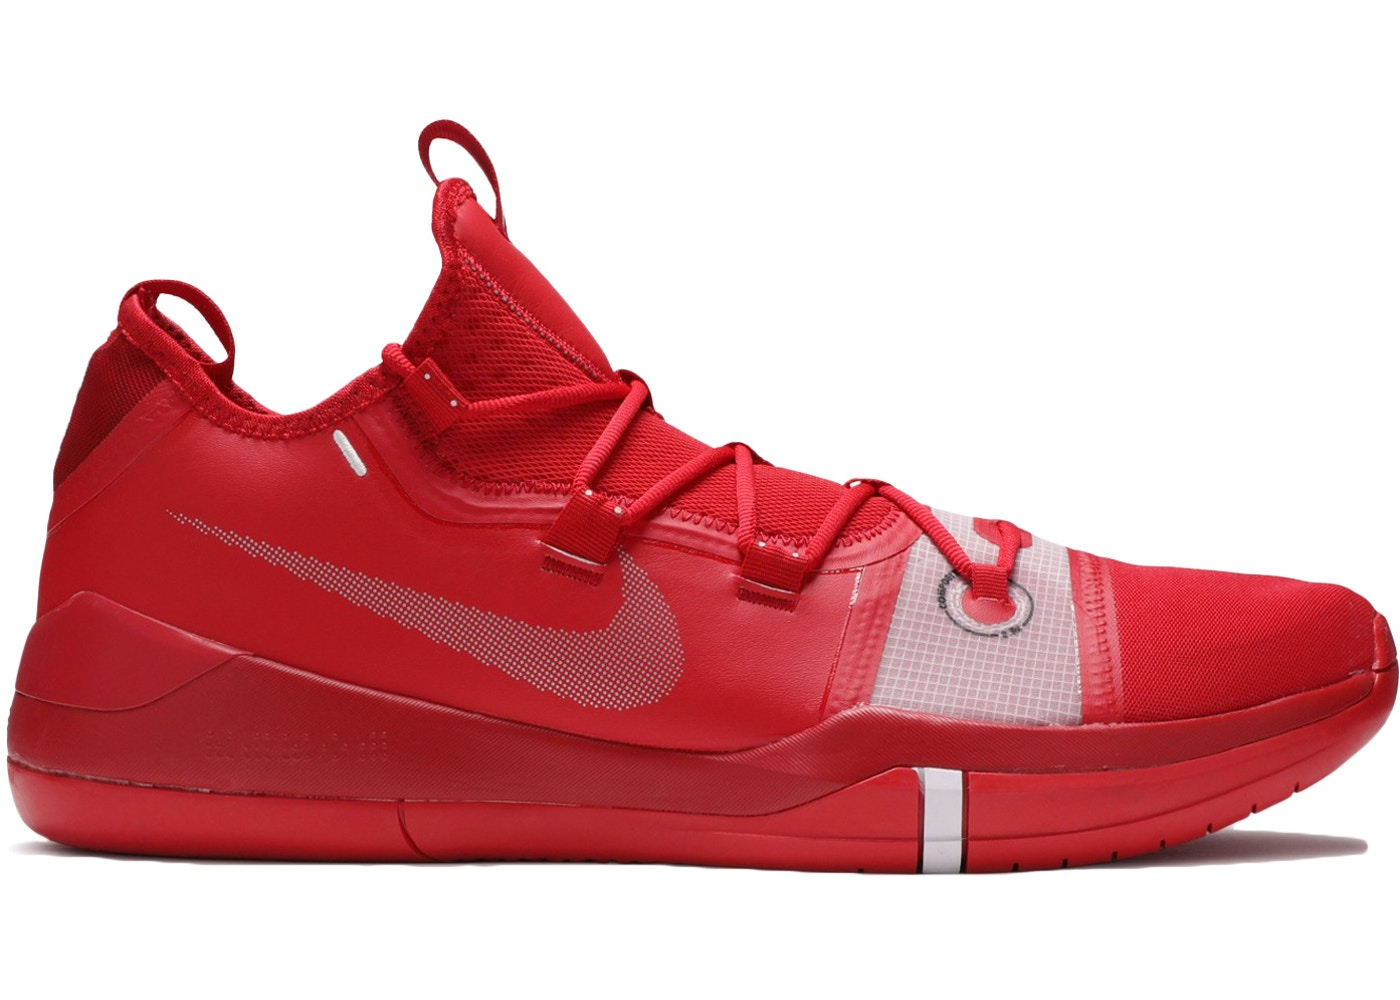 Nike Kobe A D Exodus Red At3874 603 At3874 600